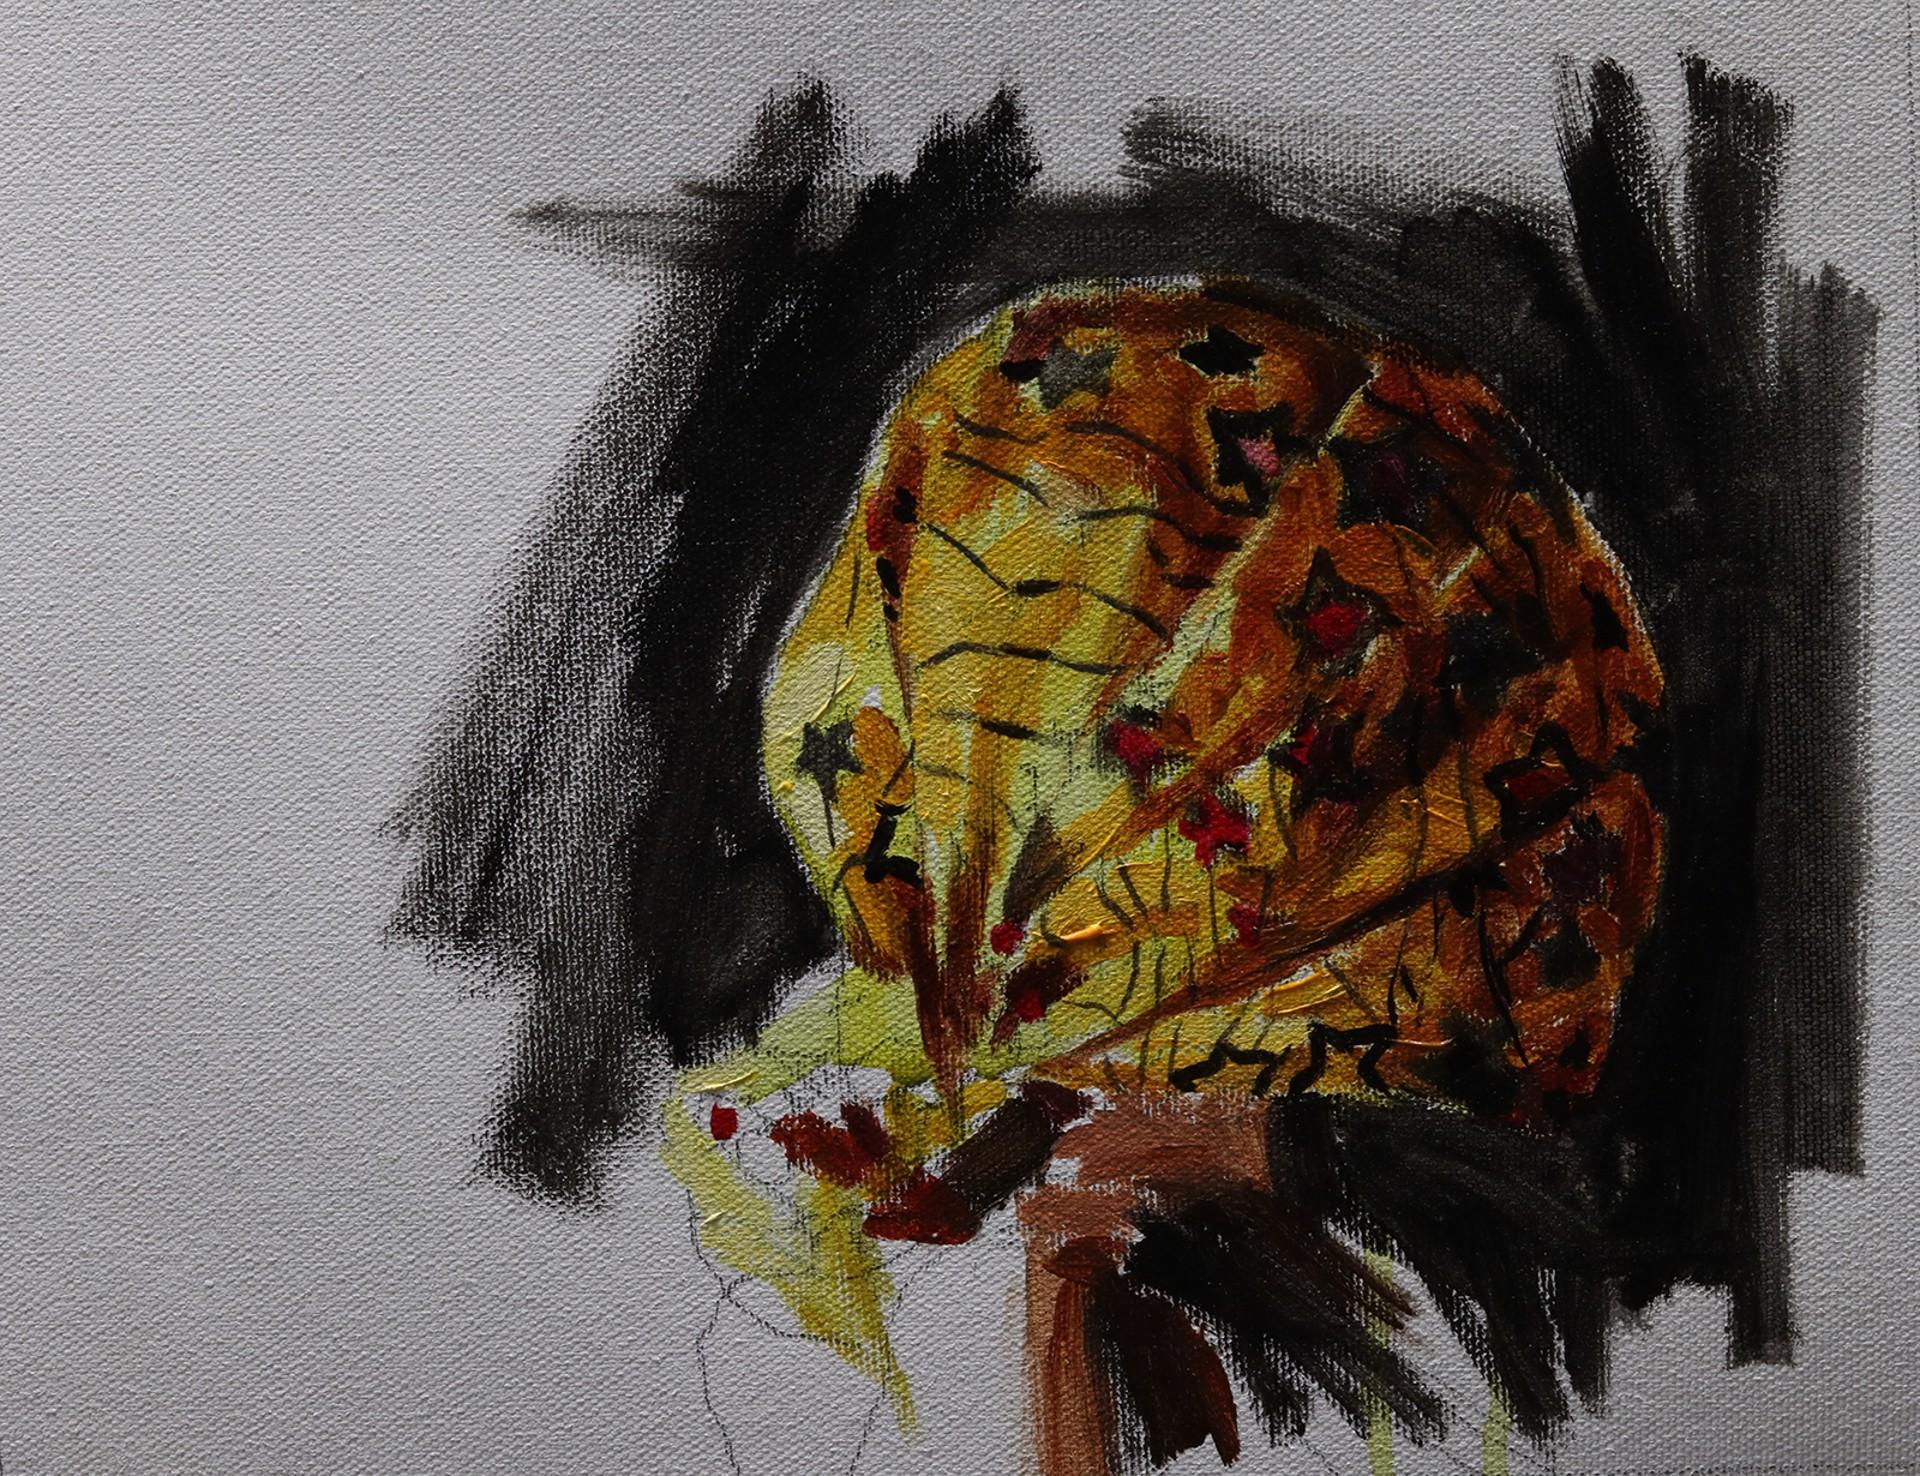 Sketch 3 by Idowu Oluwaseun